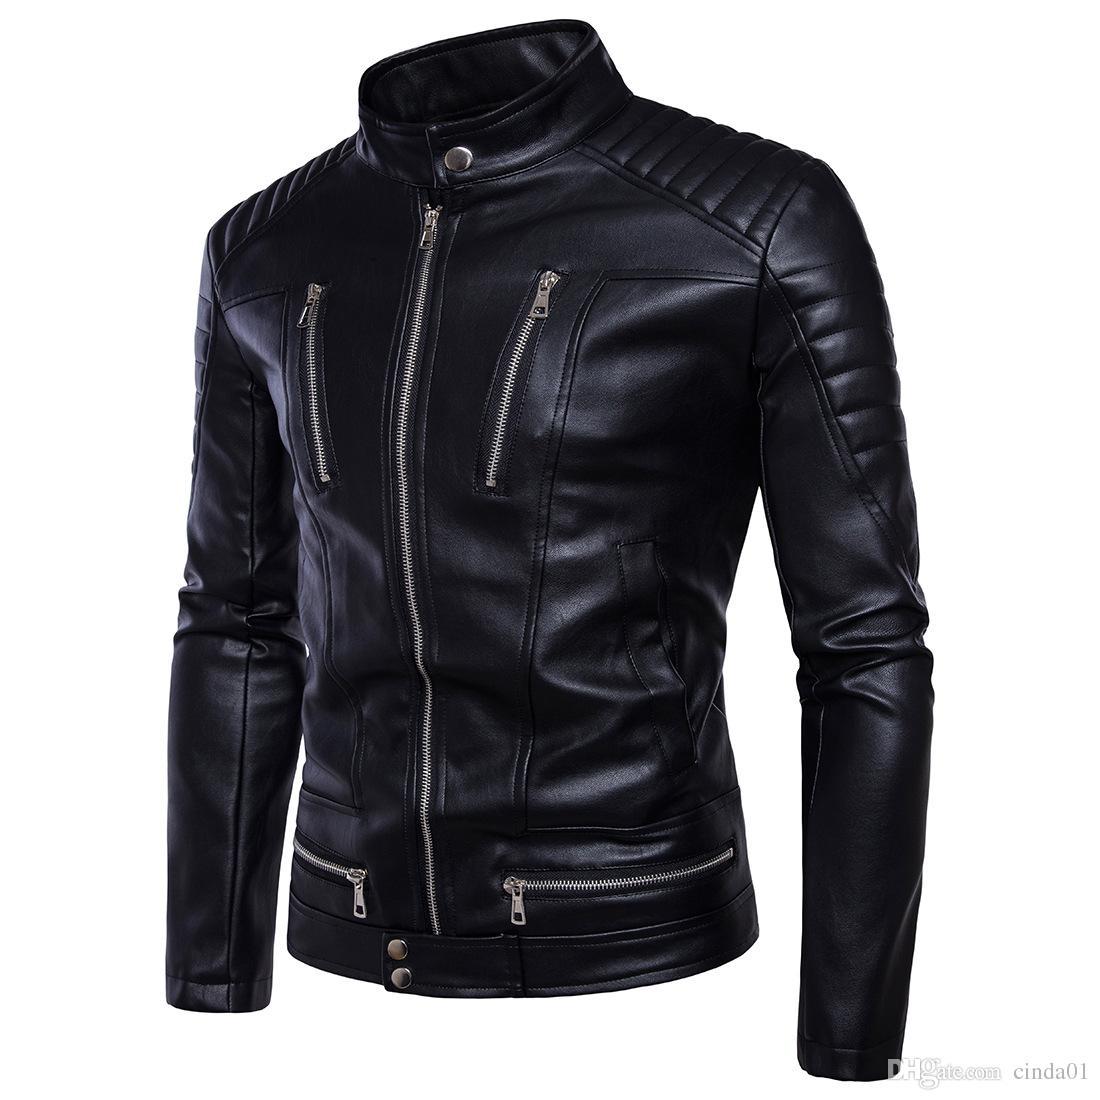 size 40 99b29 451c5 Giacca in pelle sintetica uomo PU in pelle Biker Streetwear Giacca  invernale in stile punk maschile con cerniere taglia asiatica M-5XL